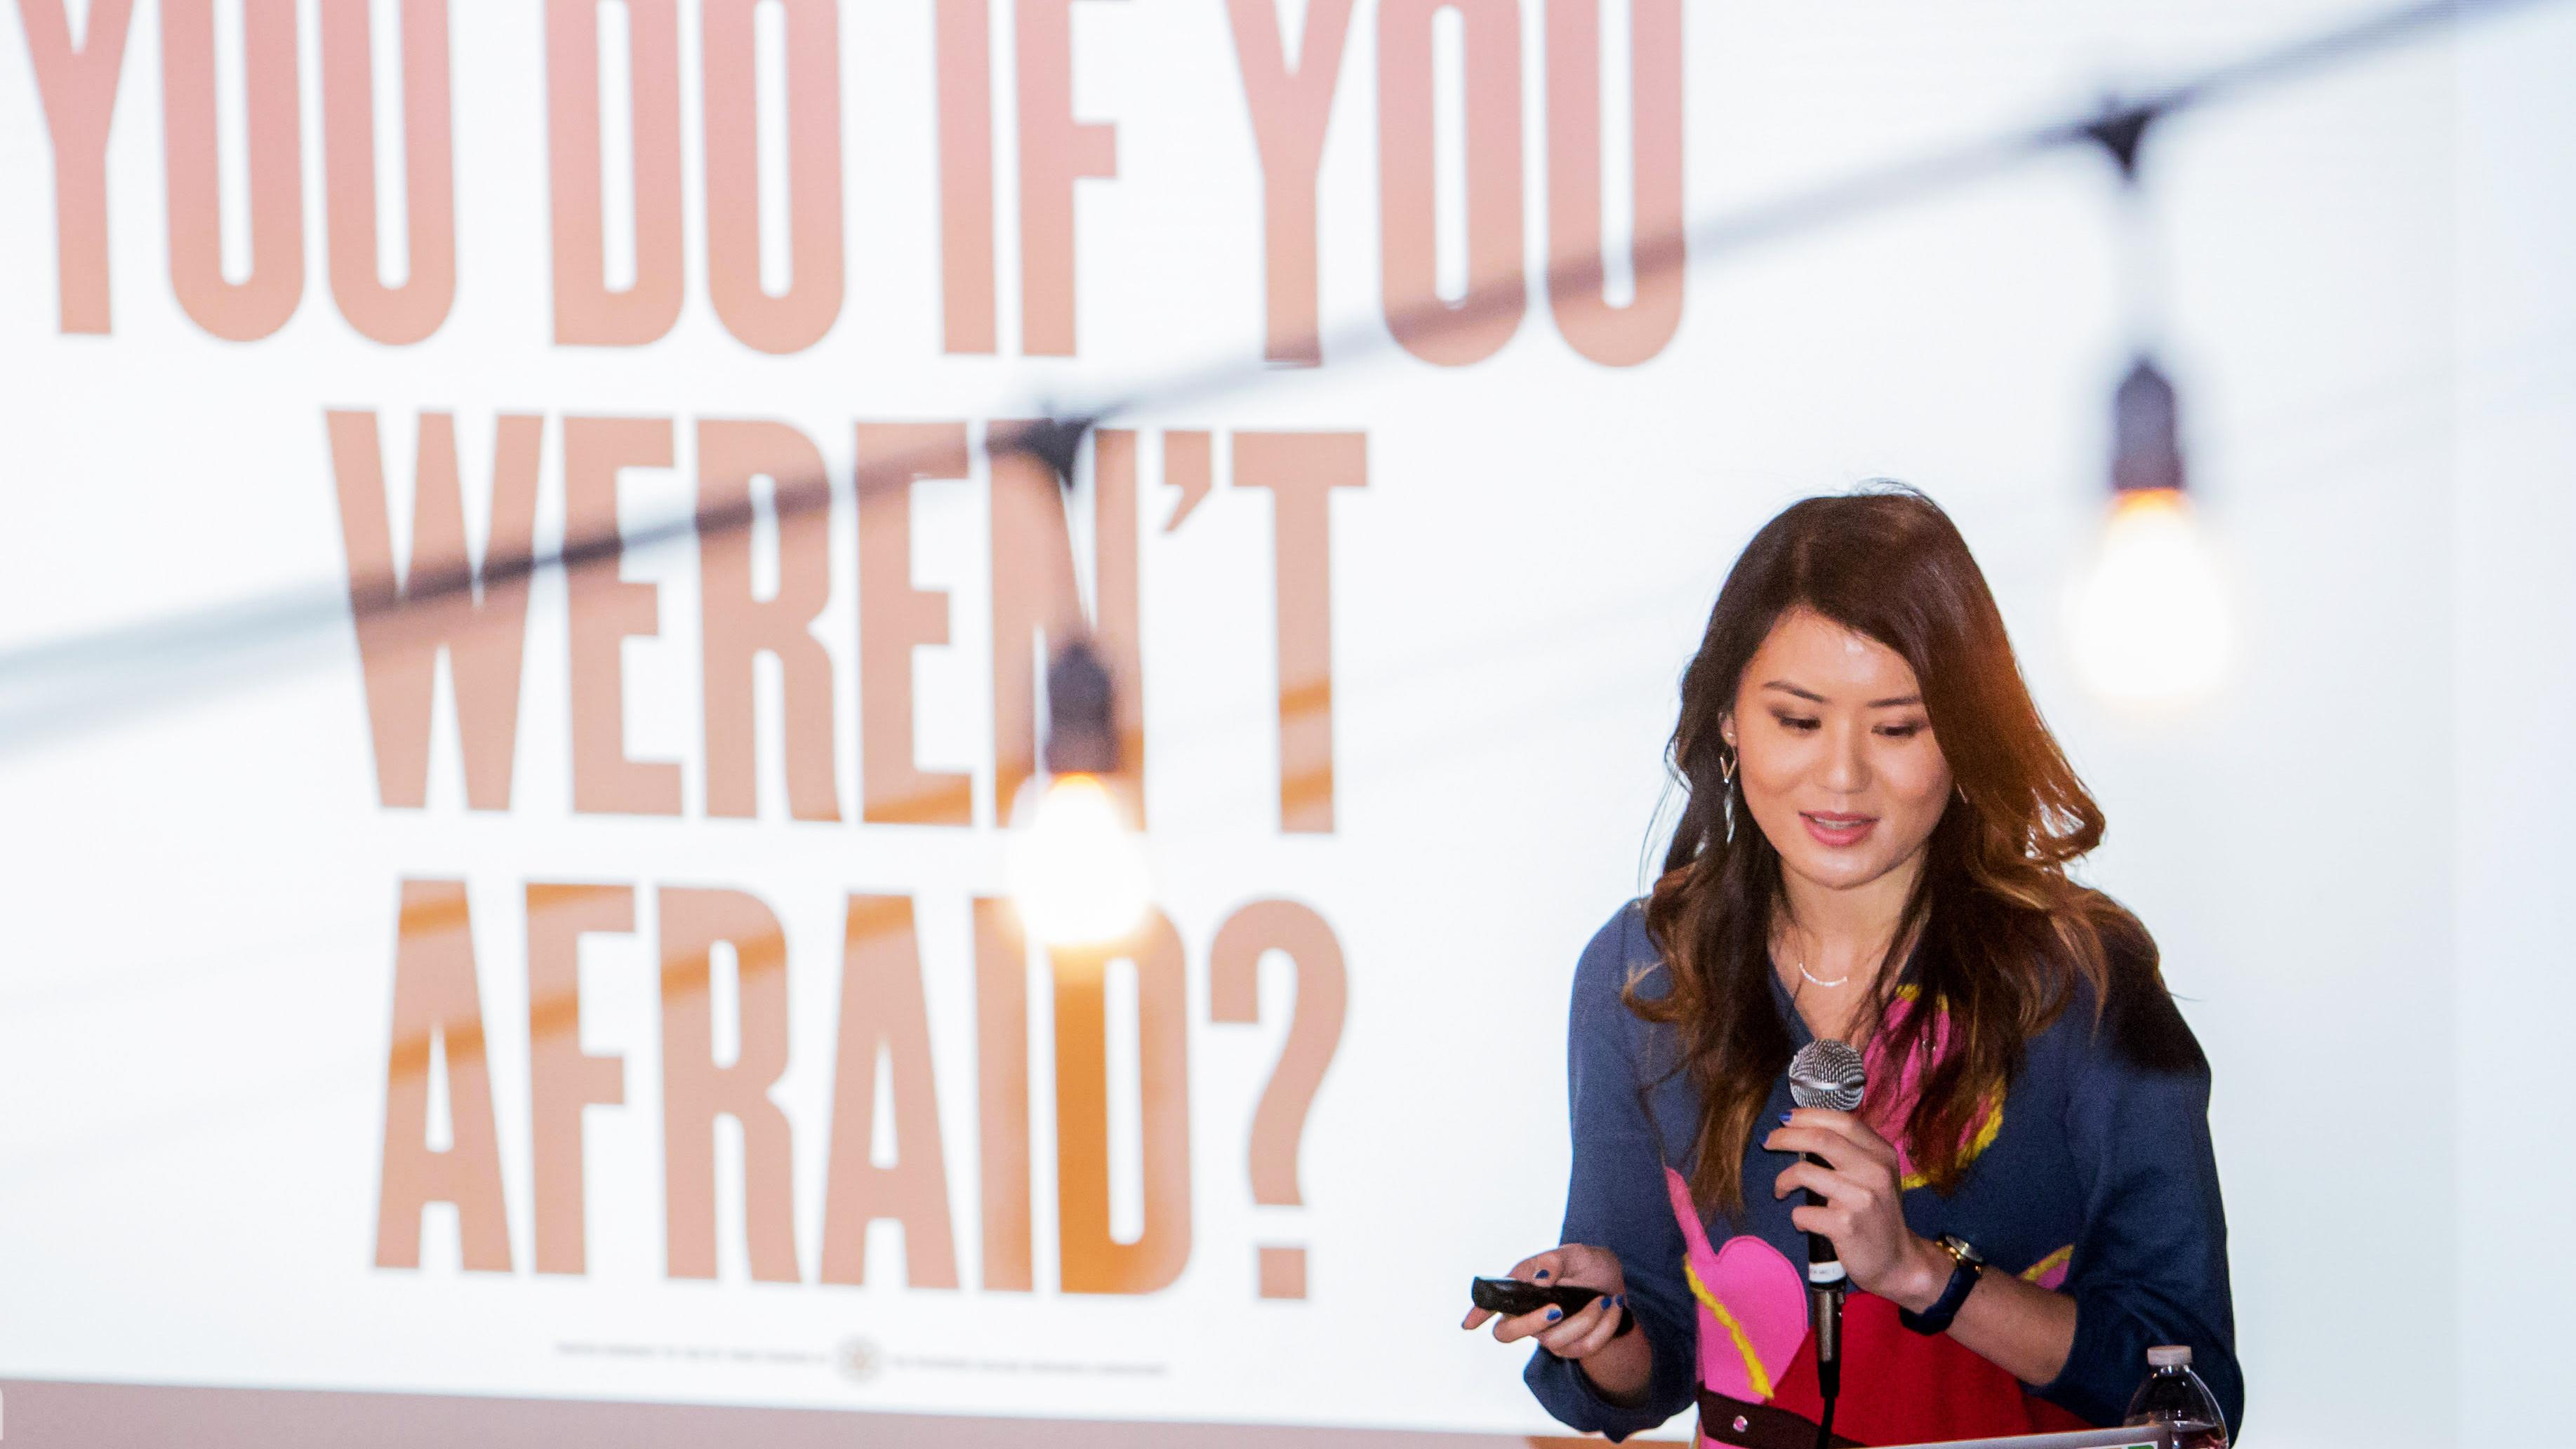 【語音專訪行銷業】幫別人,也說自己的故事 - 新創行銷人,全美亞裔小姐 Stephanie Lin